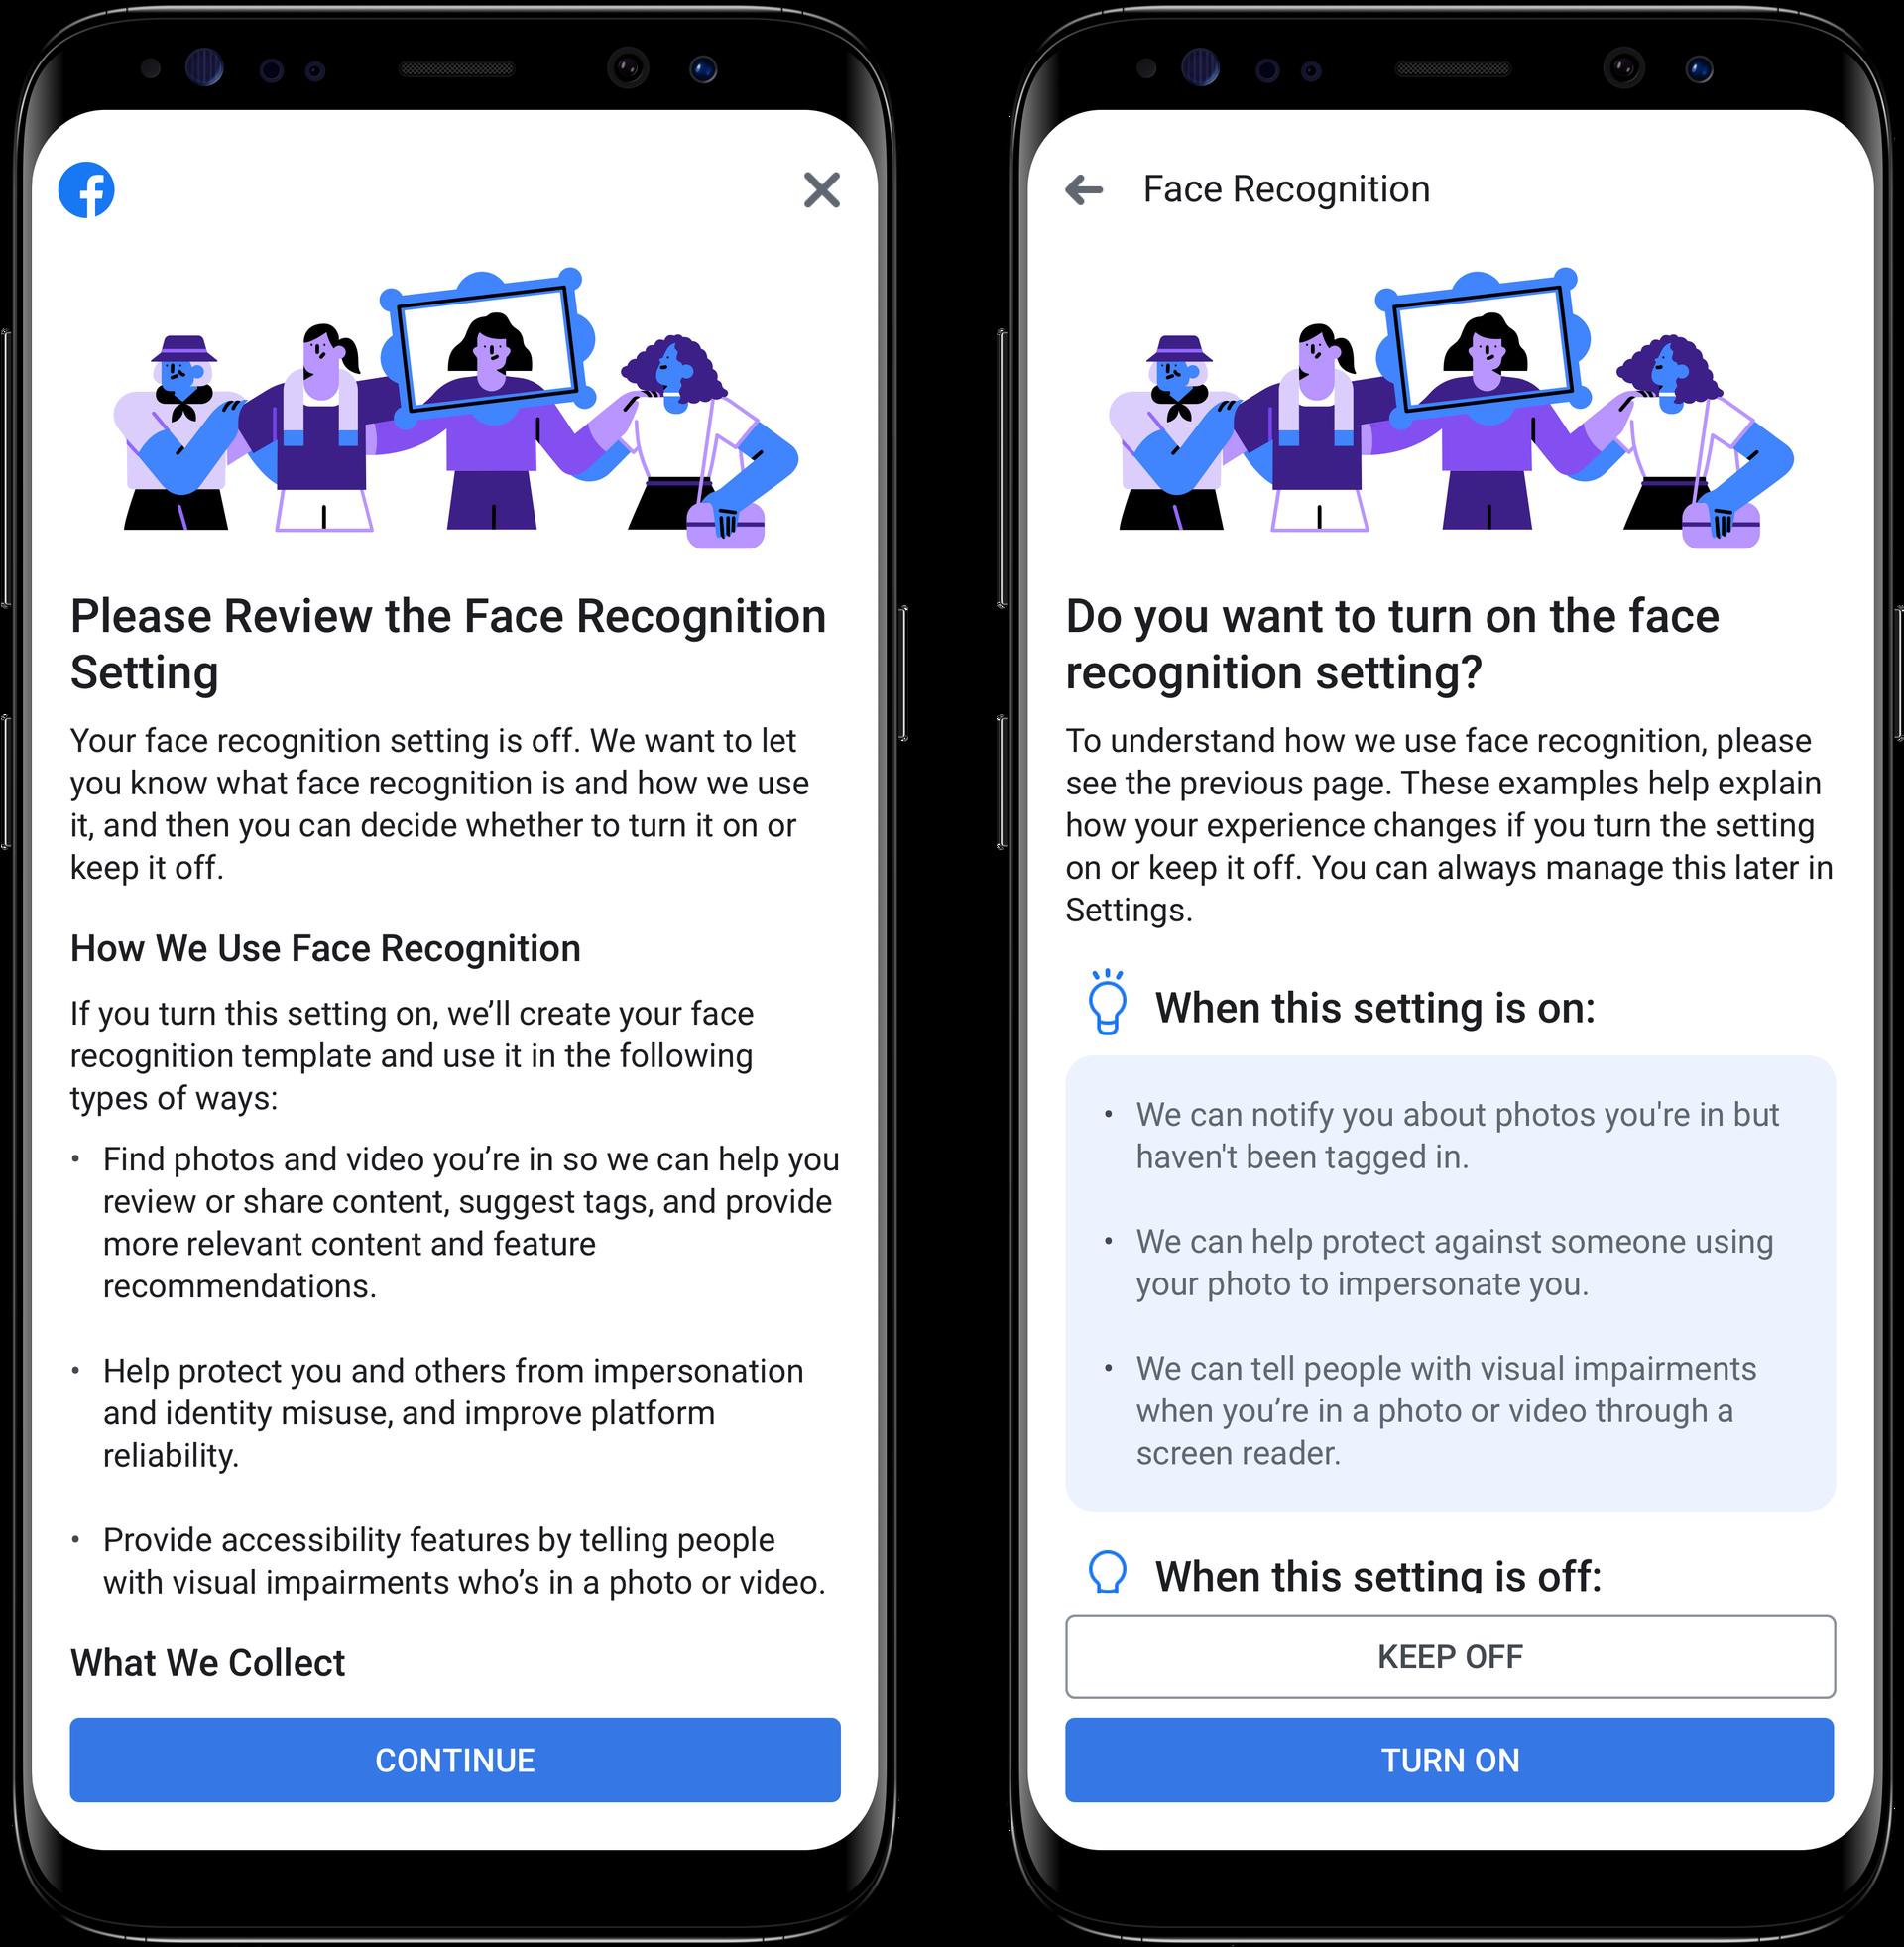 被罚款50亿美元后,FB整改:不再默认开启人脸识别功能